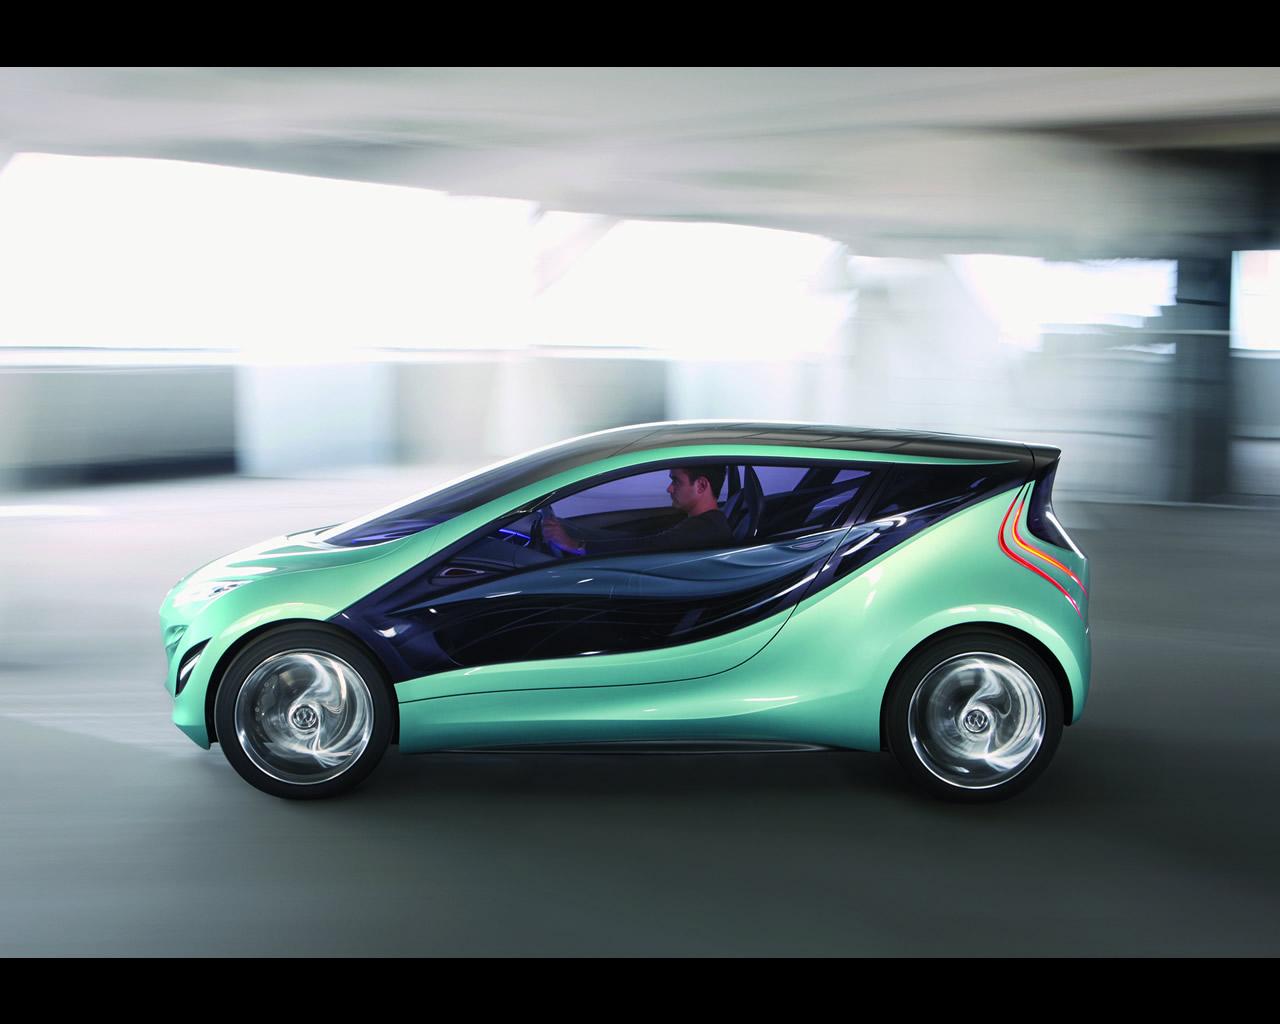 http://autoconcept-reviews.com/cars_reviews/mazda/mazda-kiyora-concept-2008/wallpaper/Mazda_Kiyora_action3.jpg